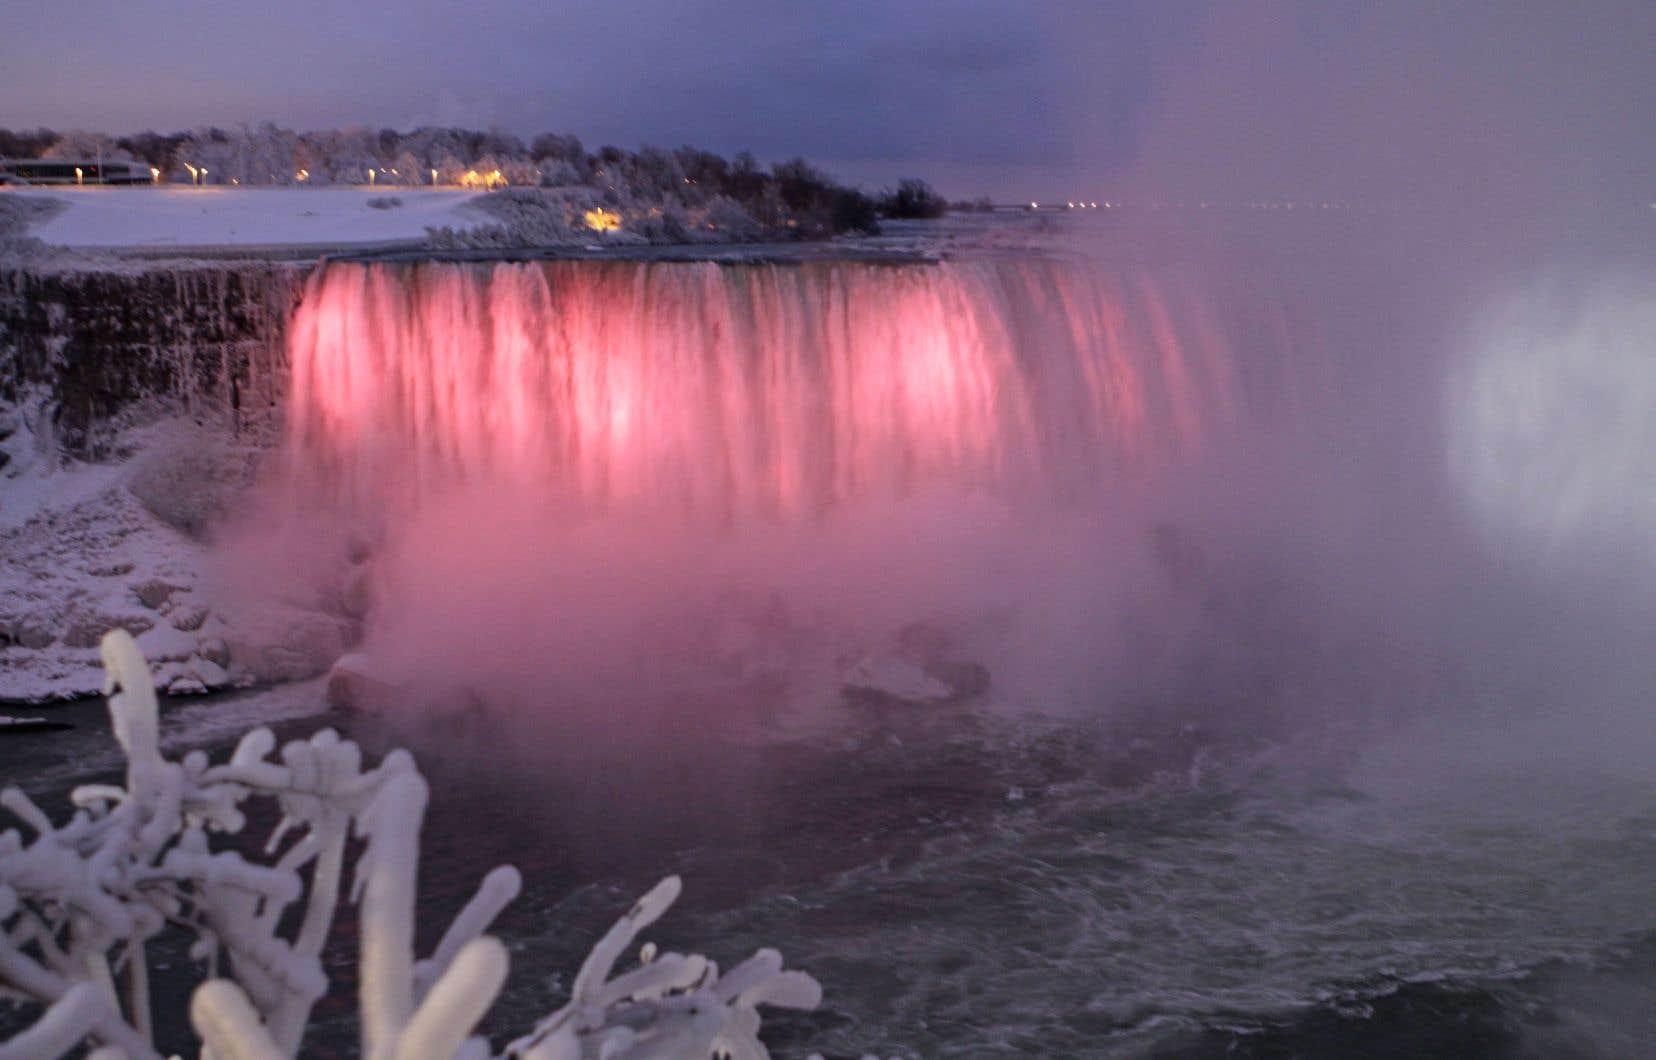 Jour et nuit, la majestueuse Niagara fait un saut de 50 mètres, frappe des rochers et remonte au ciel en millions de gouttes vaporeuses qui se greffent aux œuvres de glace existantes.